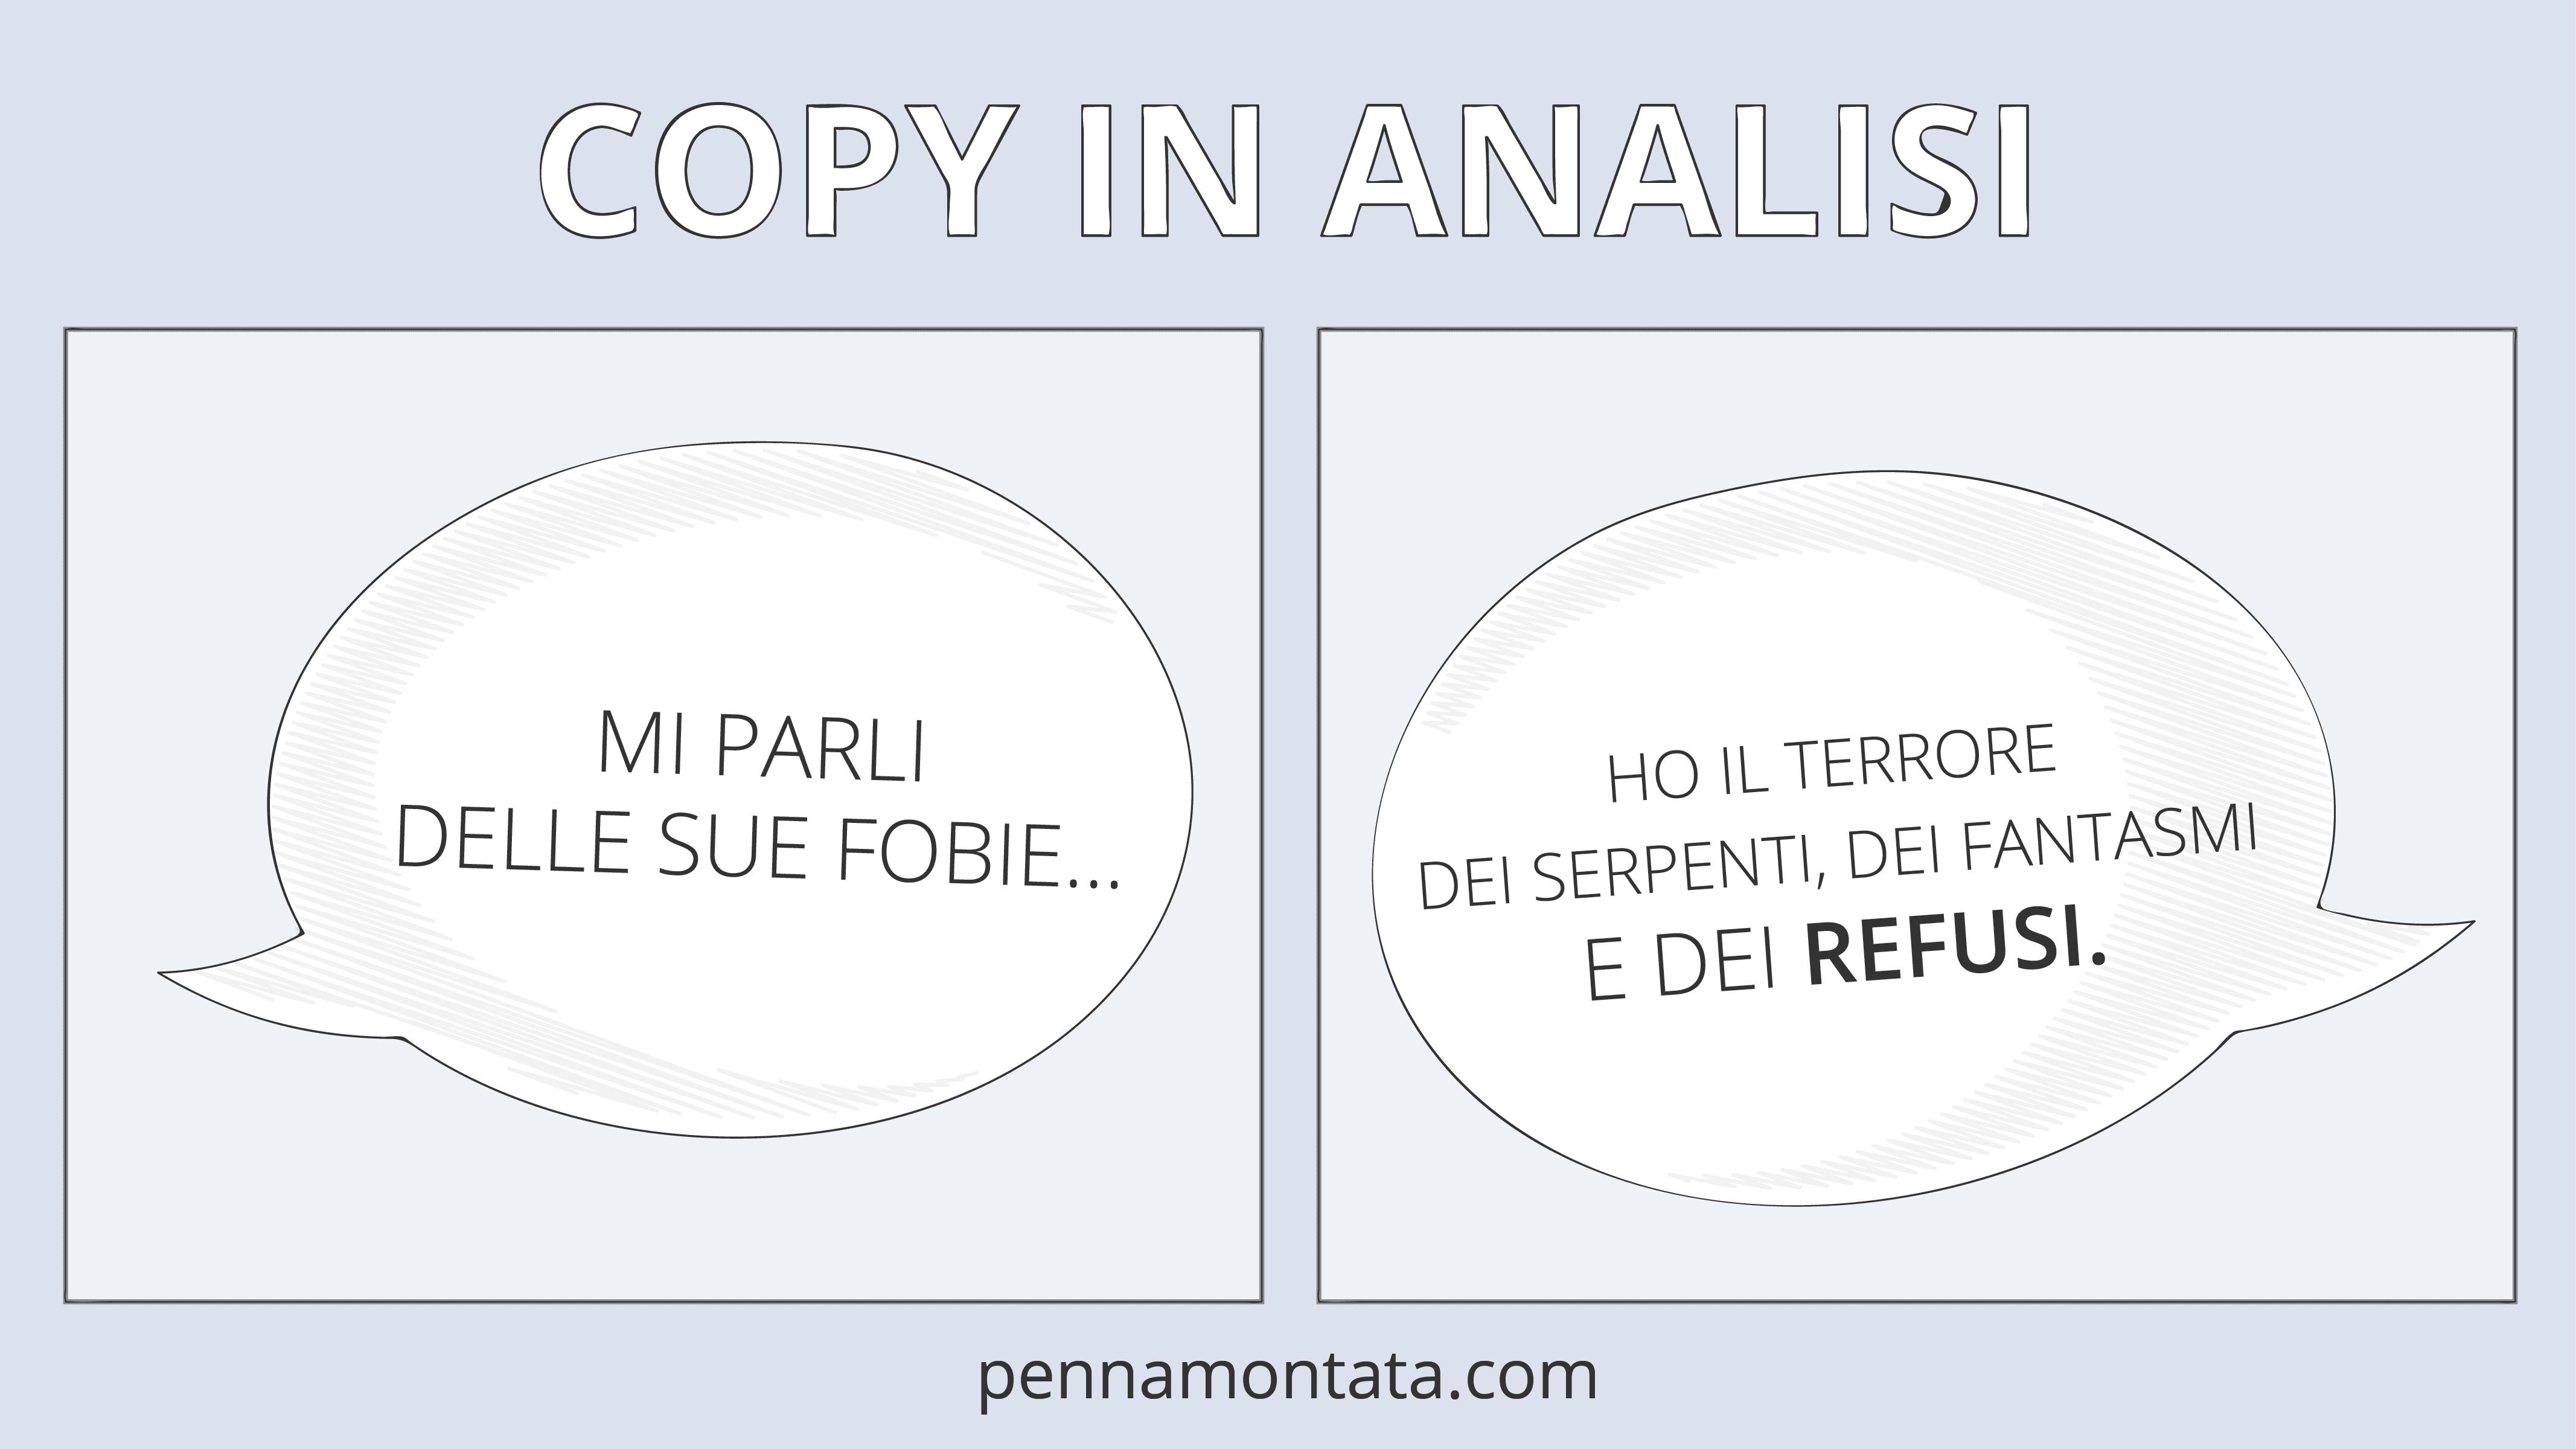 Il copy rifiuta-refusi